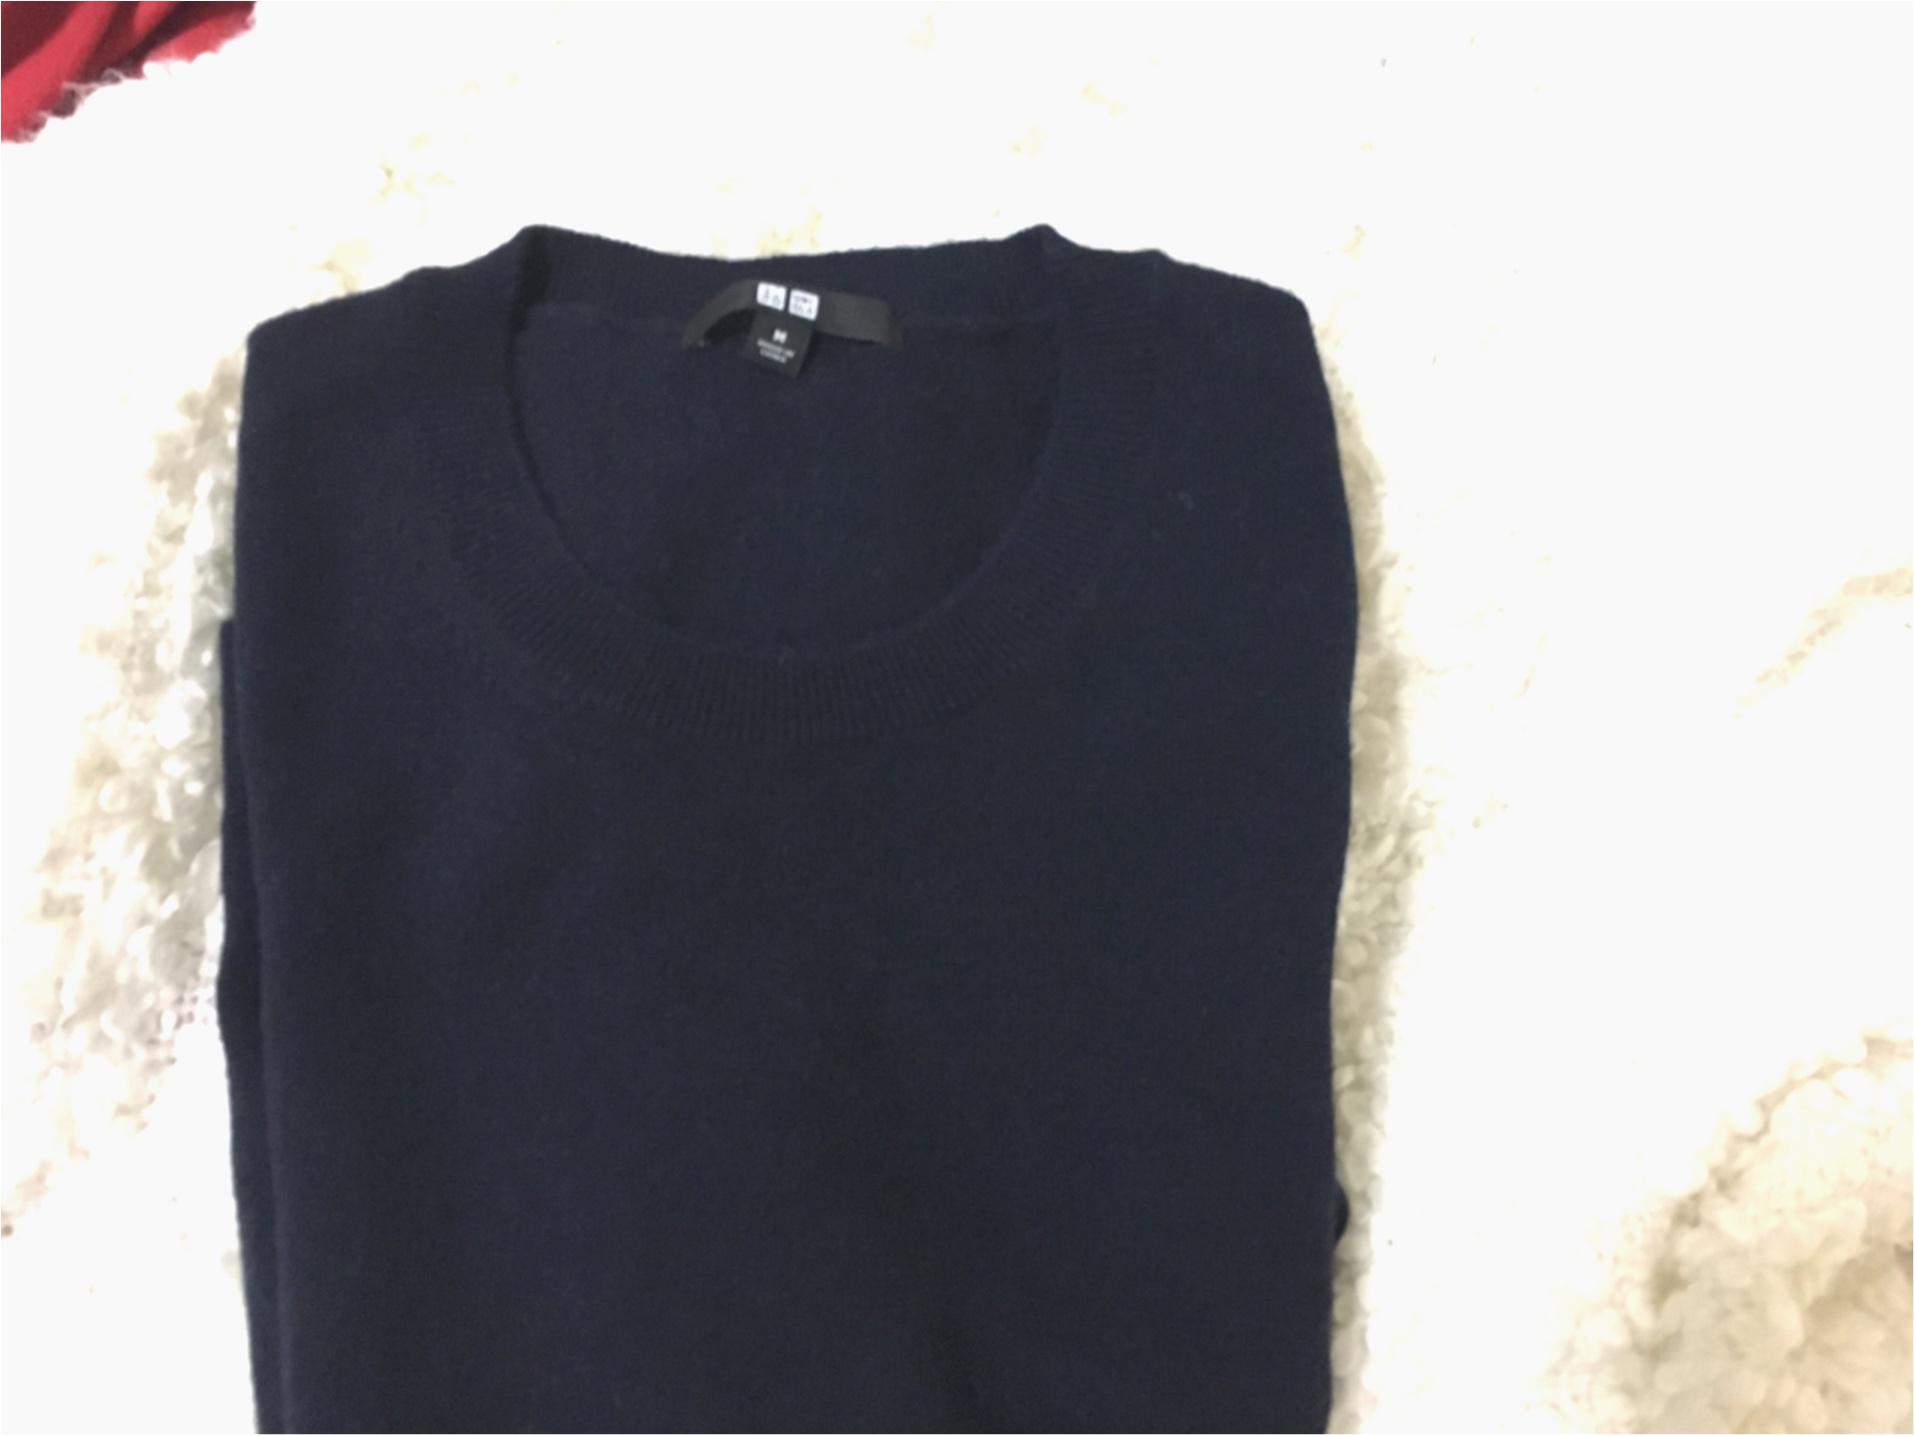 《ユニクロ感謝祭》カシミヤセーター買うなら2000円オフの今この時期がお買い時!!_1